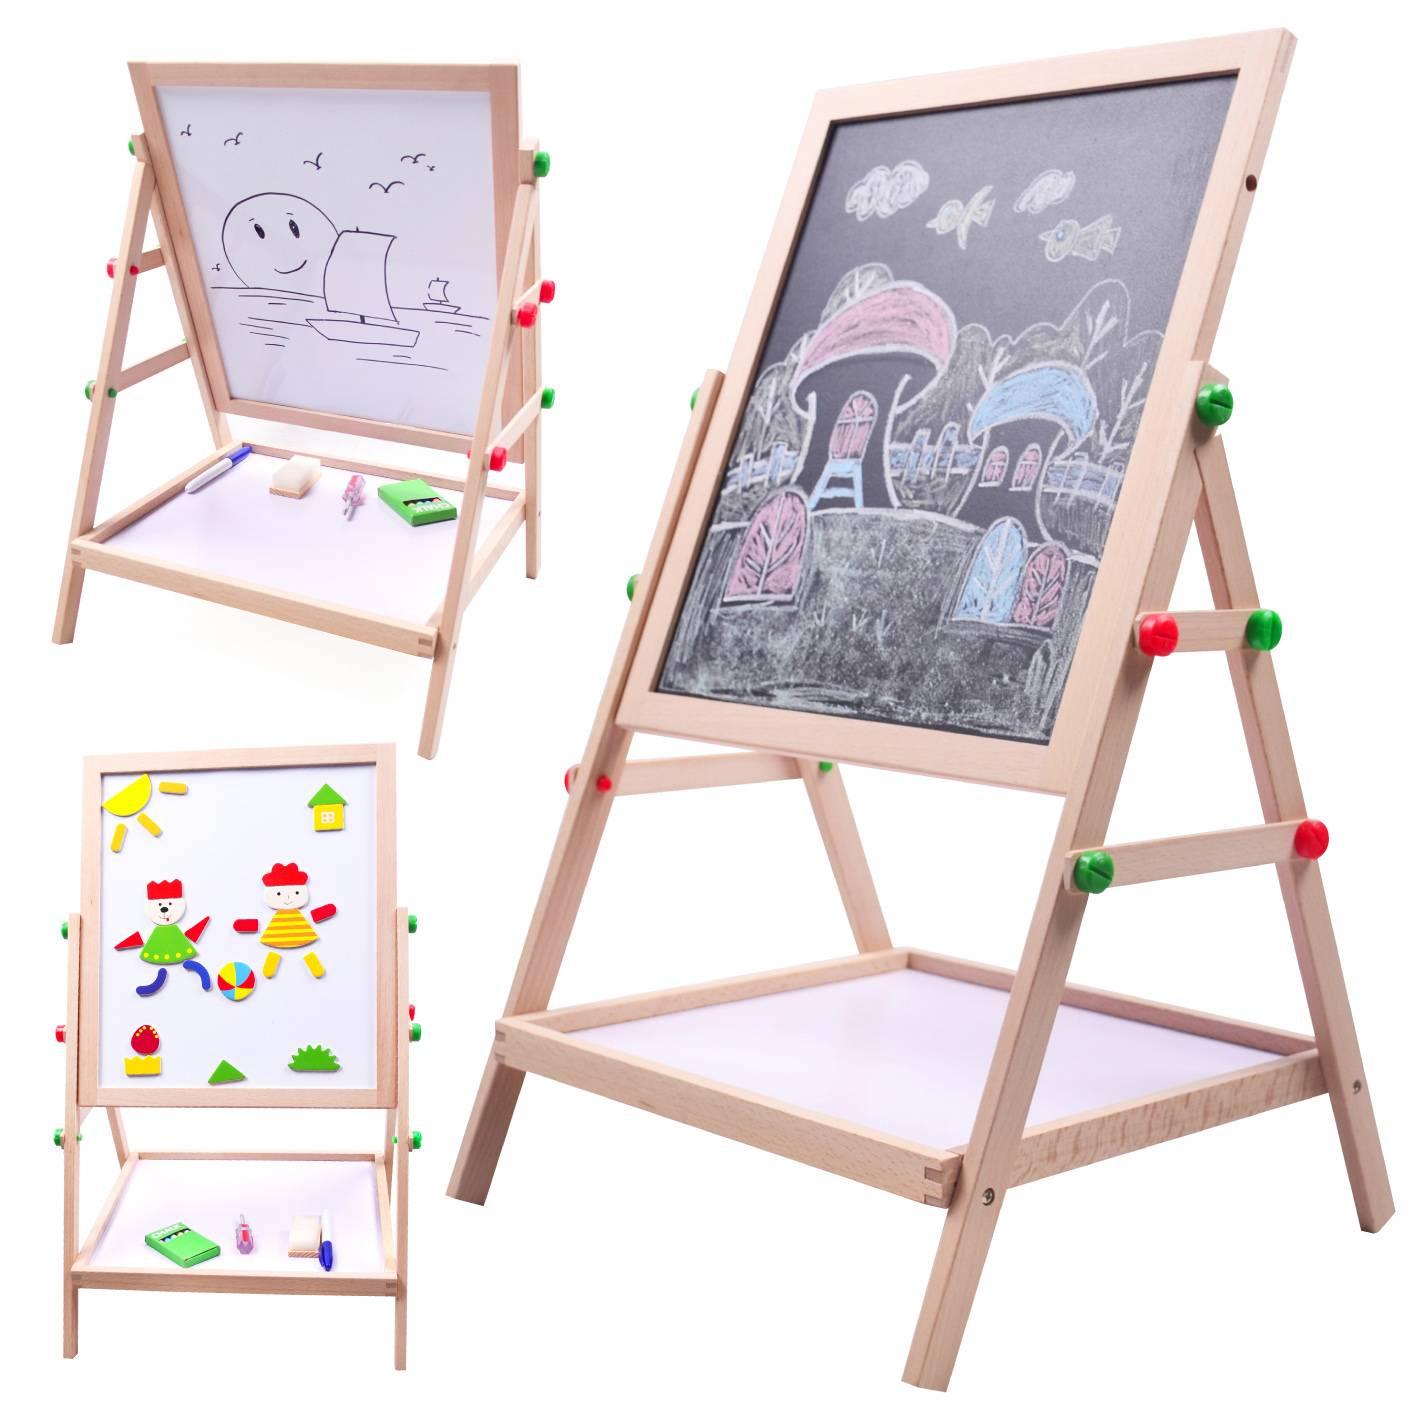 Мольберт своими руками - как правильного выбрать конструкцию детского, для художника или чертежника